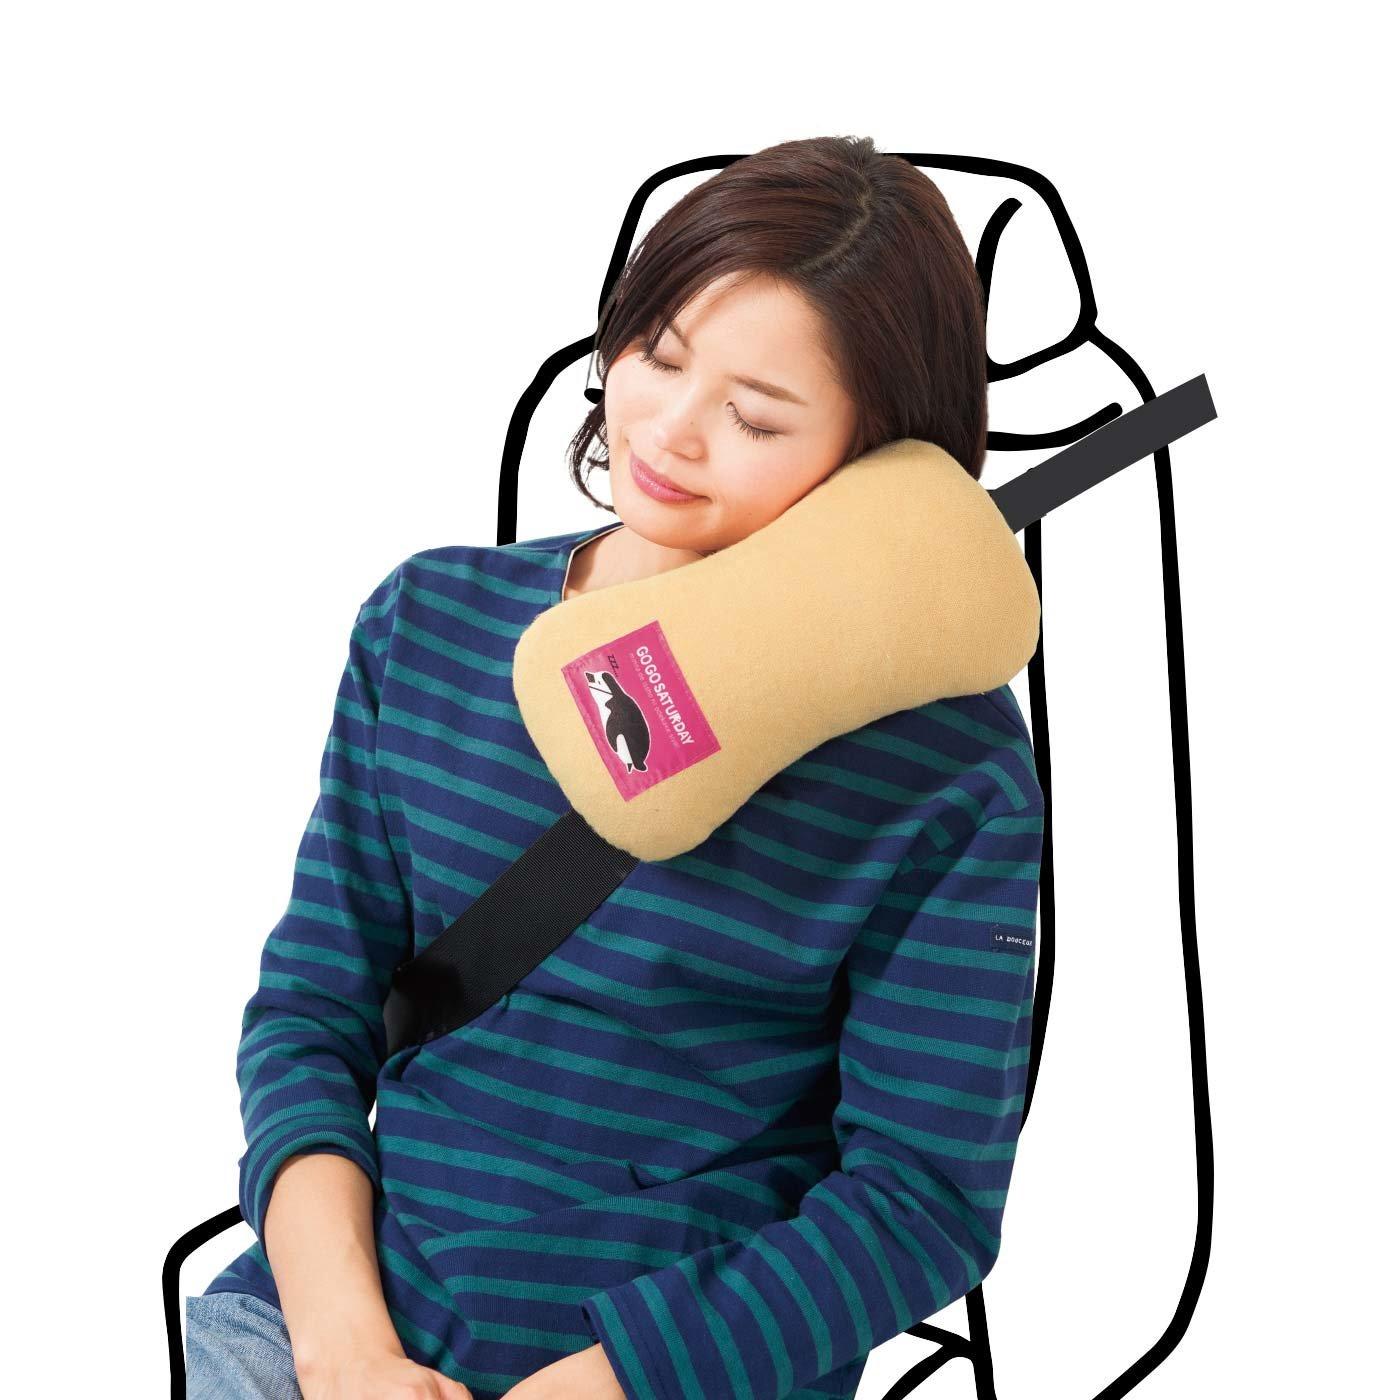 長時間の移動も安心! すやすや眠れる シートベルトまくら